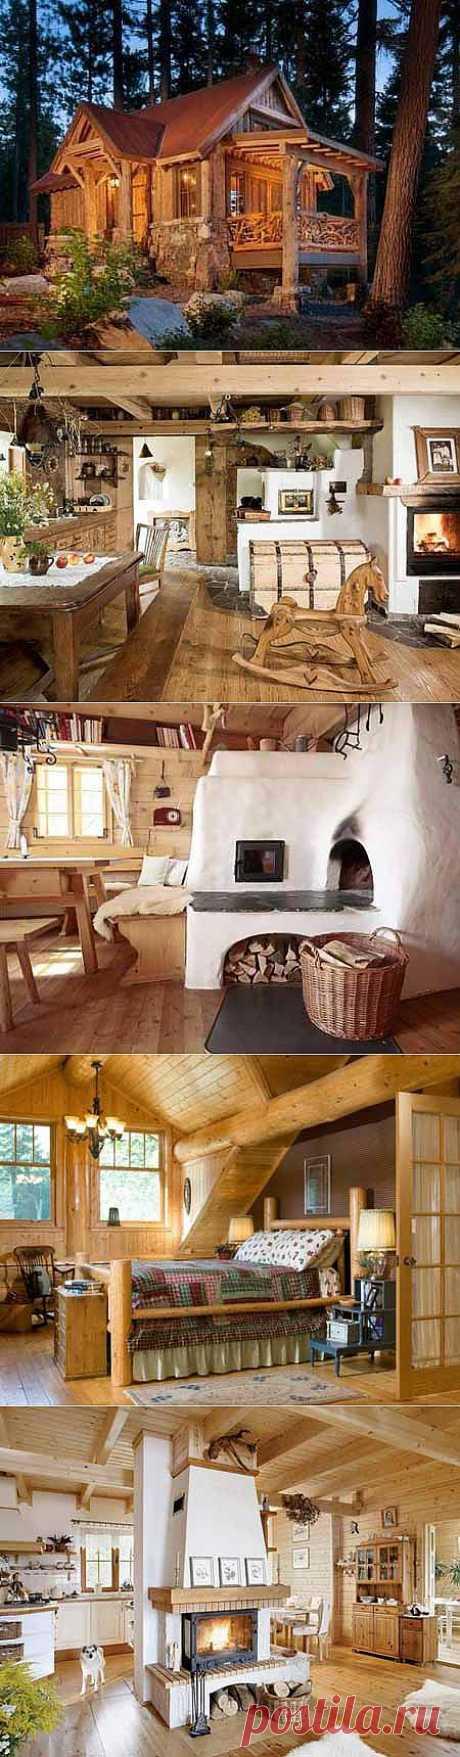 Интерьер деревянного дома - в центре внимания печка